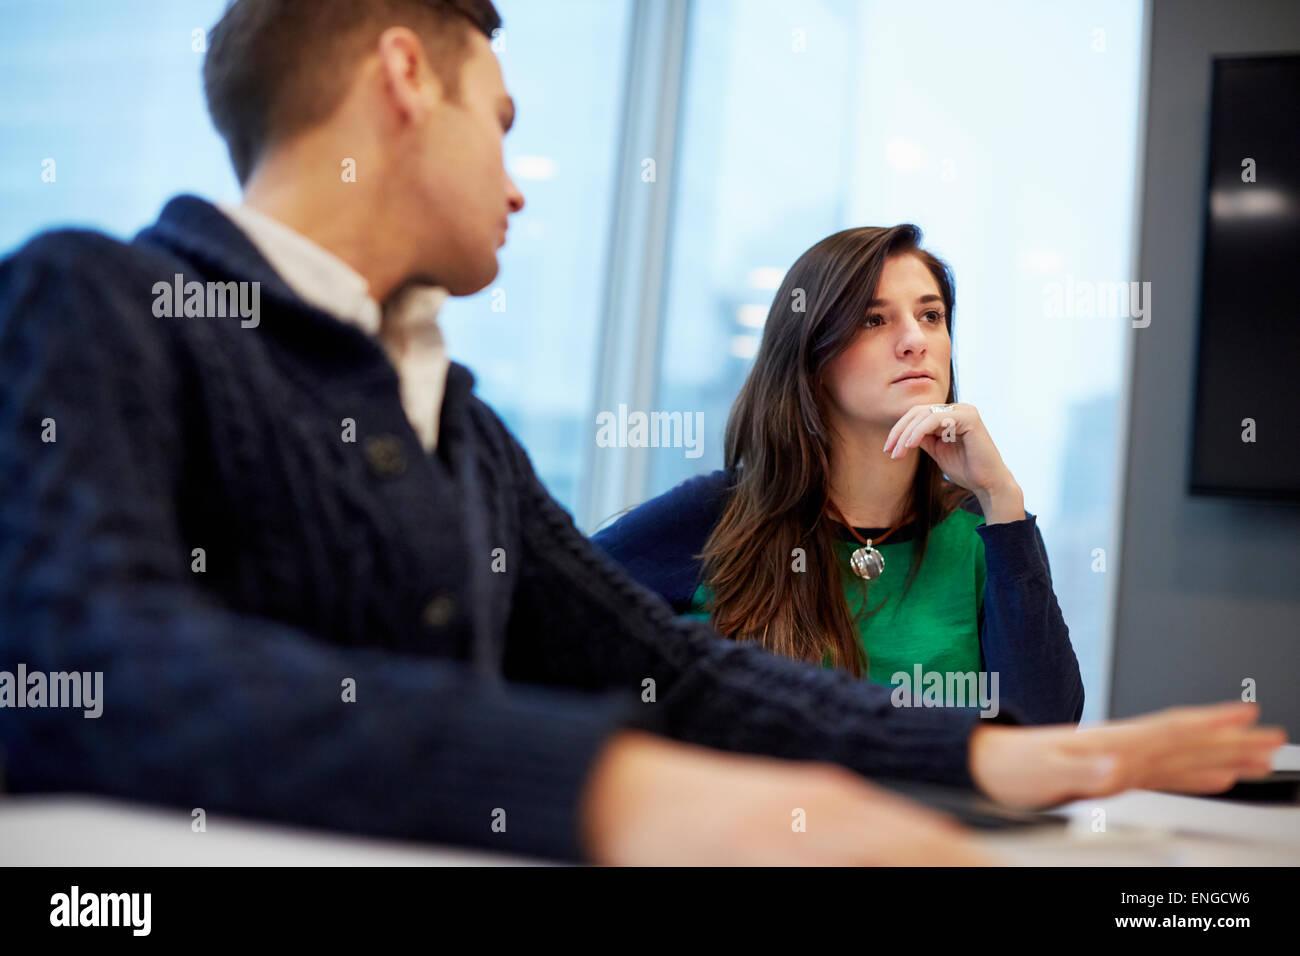 Un hombre y una mujer sentados en una reunión en una oficina. Imagen De Stock